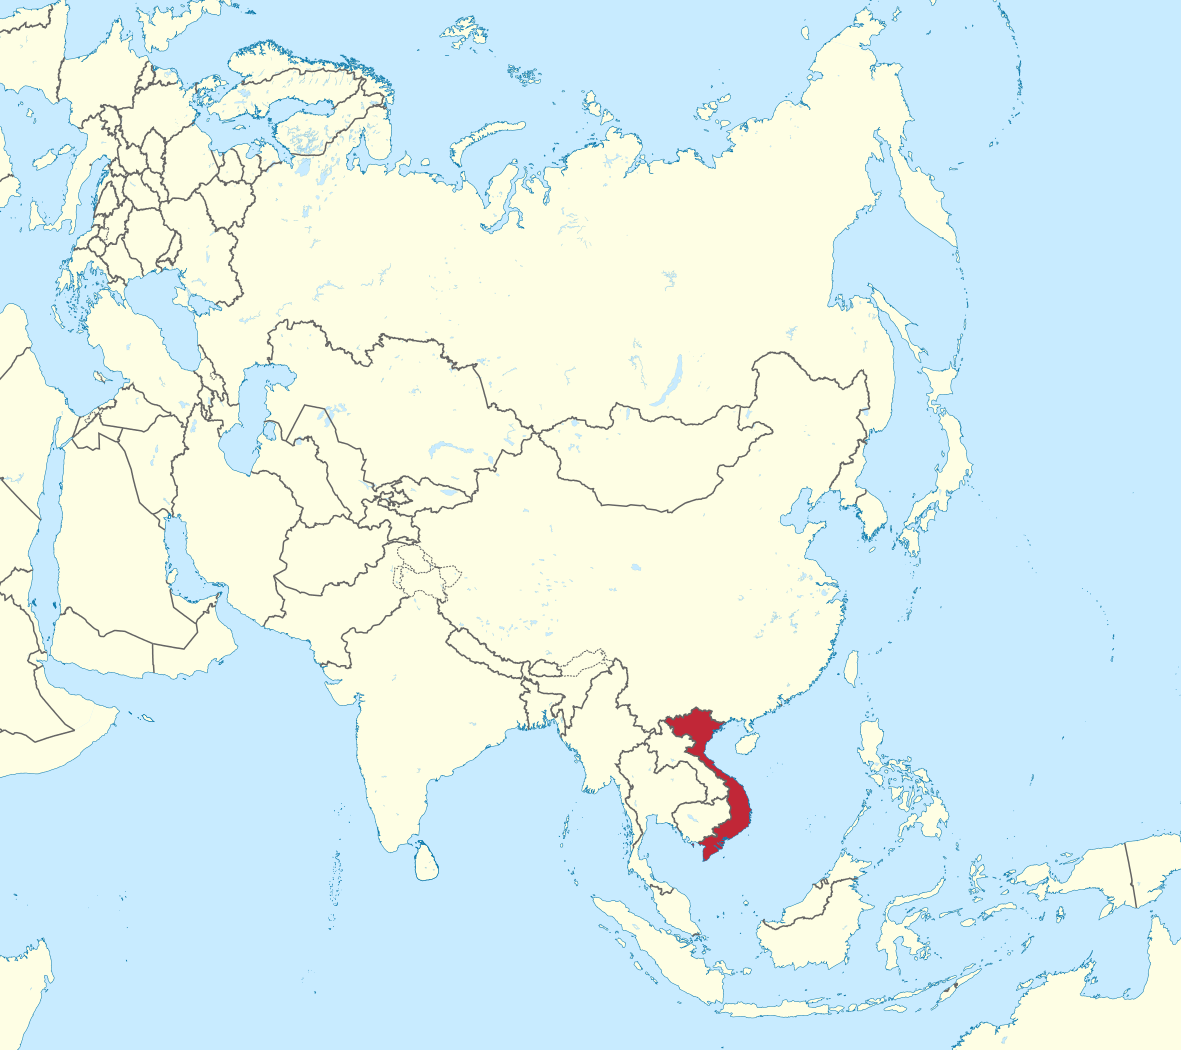 Vietnam map